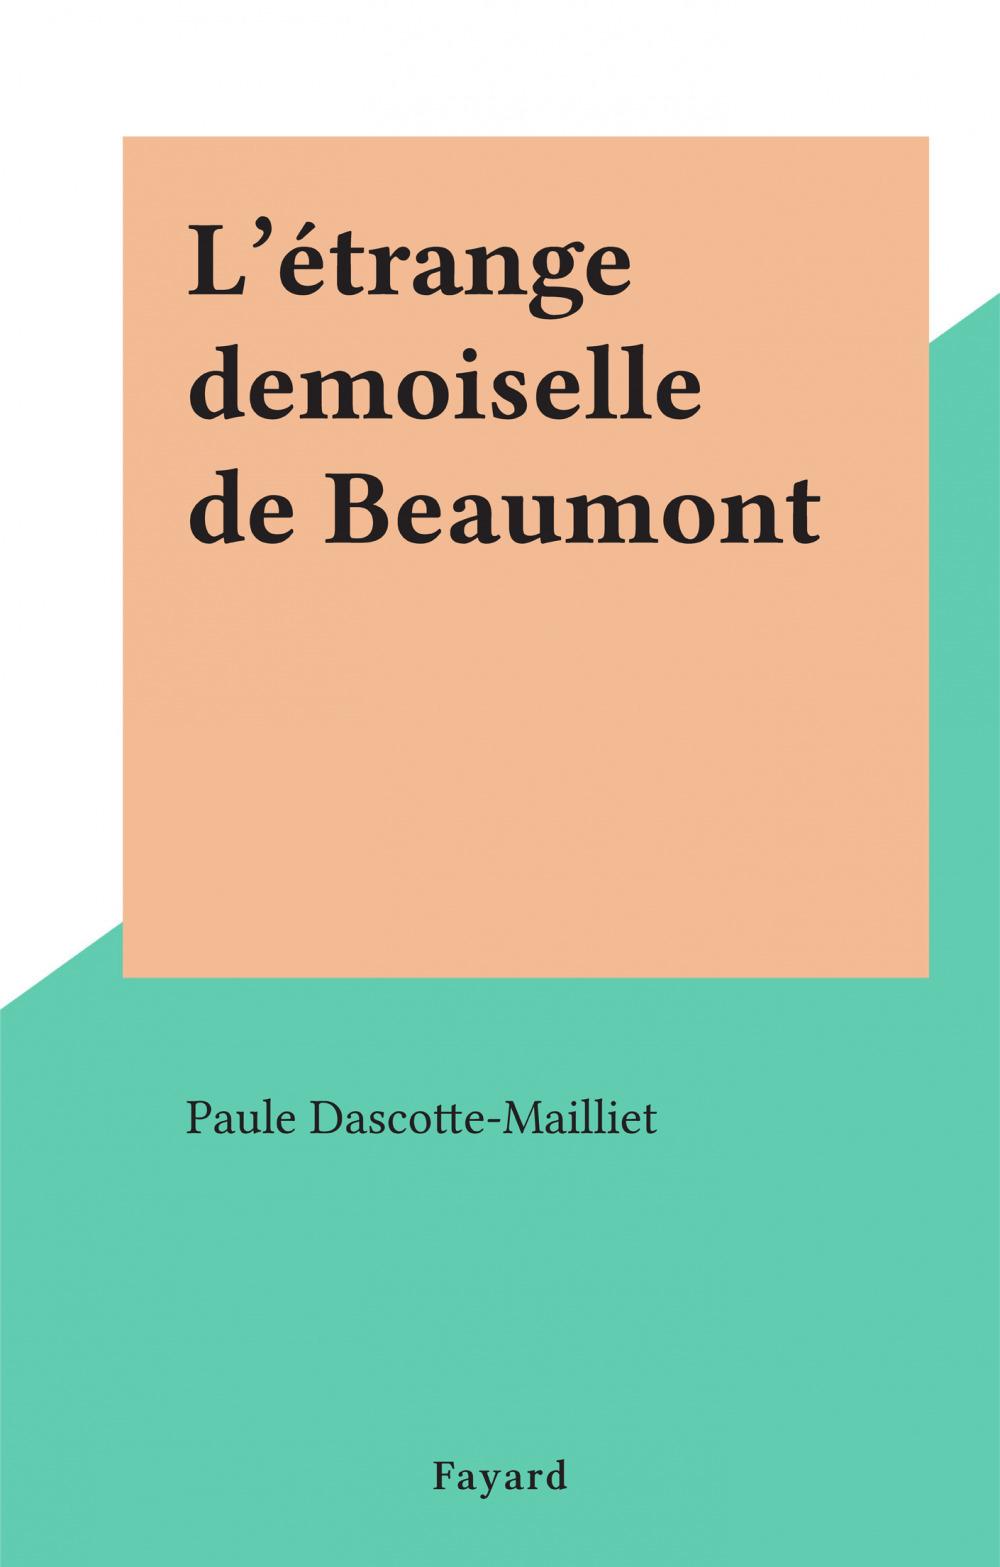 L'étrange demoiselle de Beaumont  - Paule Dascotte-Mailliet